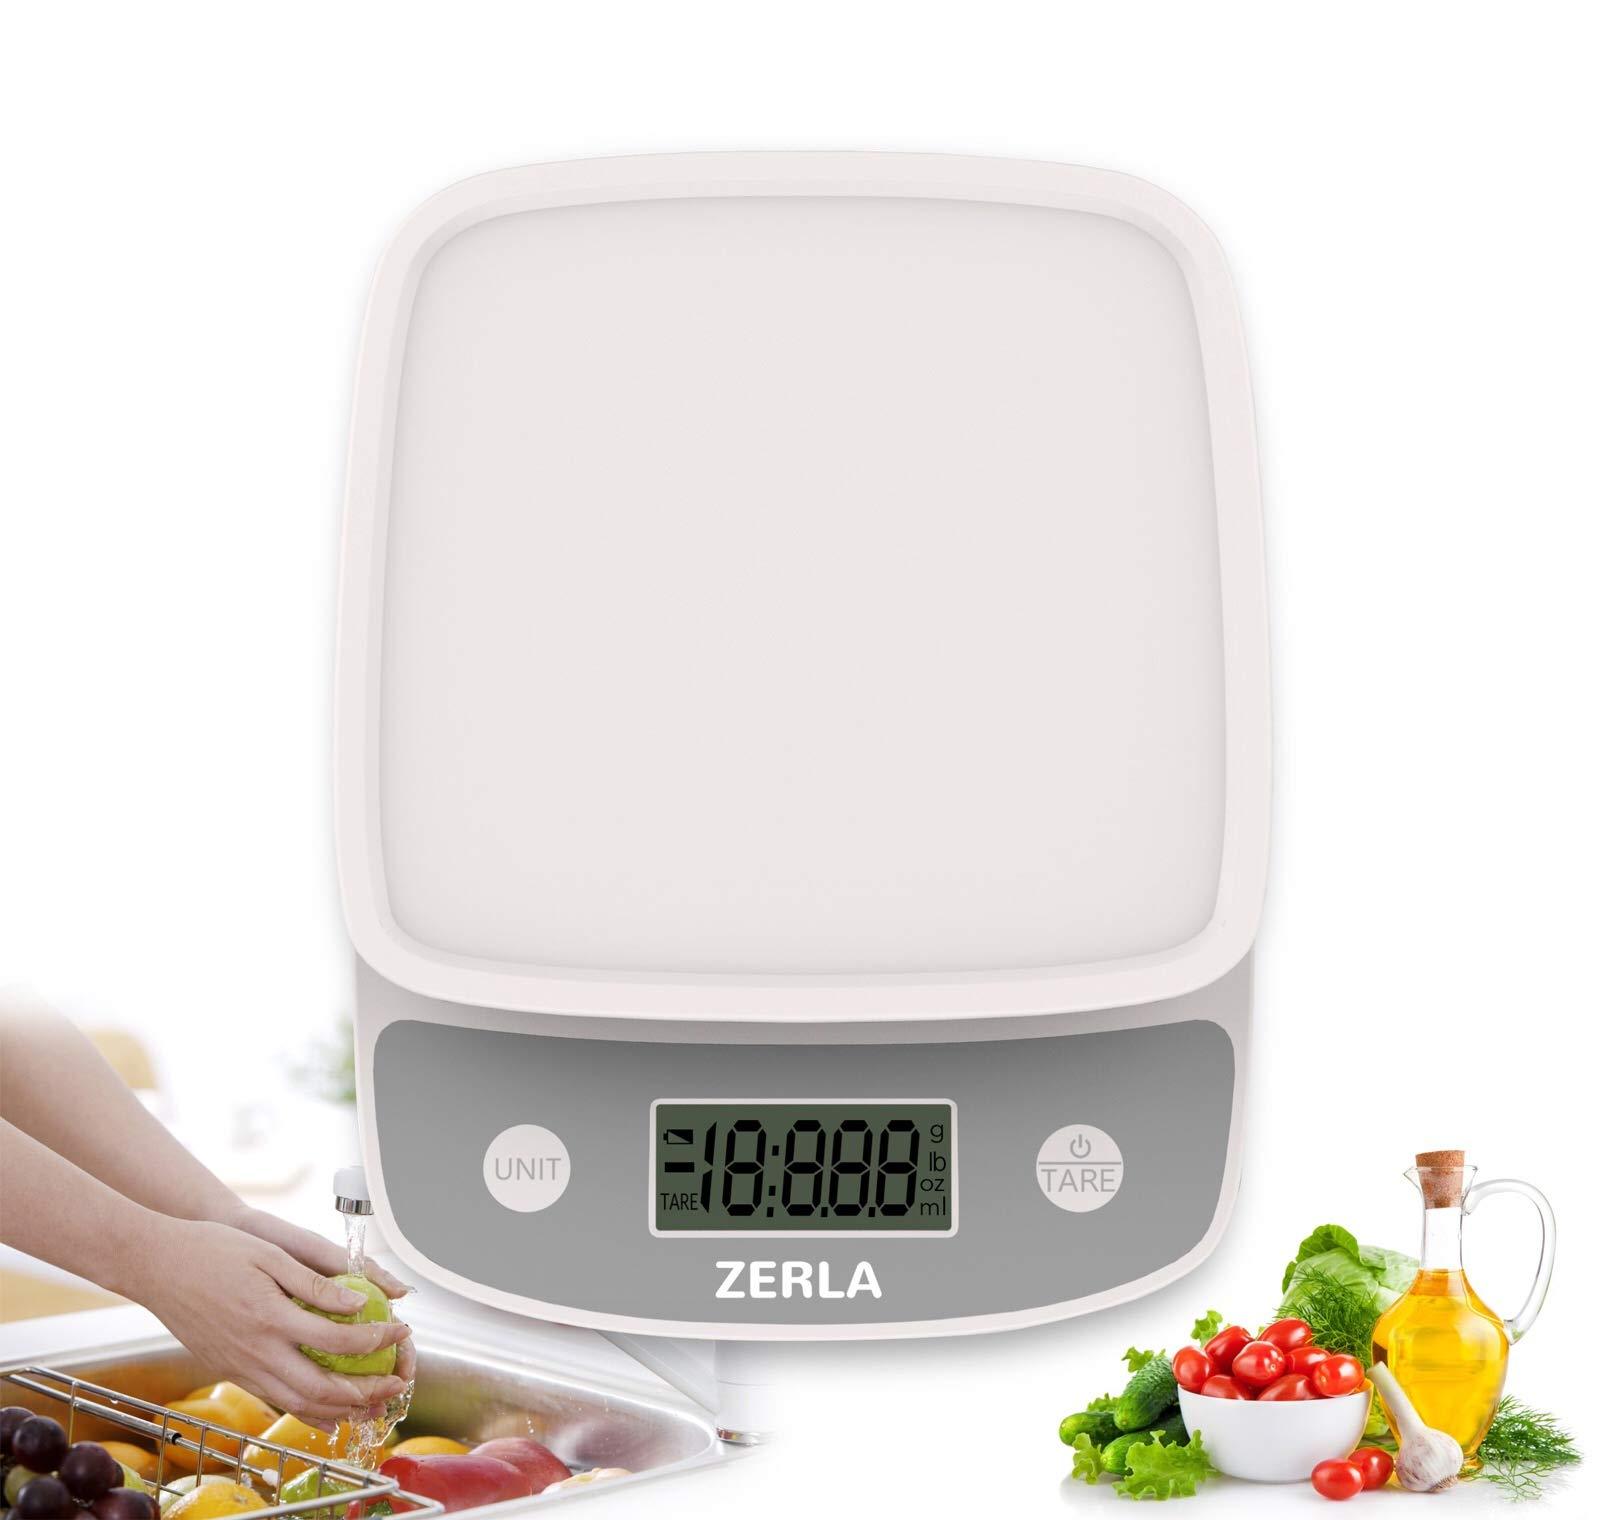 Galleon - Digital Kitchen Scale By Zerla — Versatile Food ...